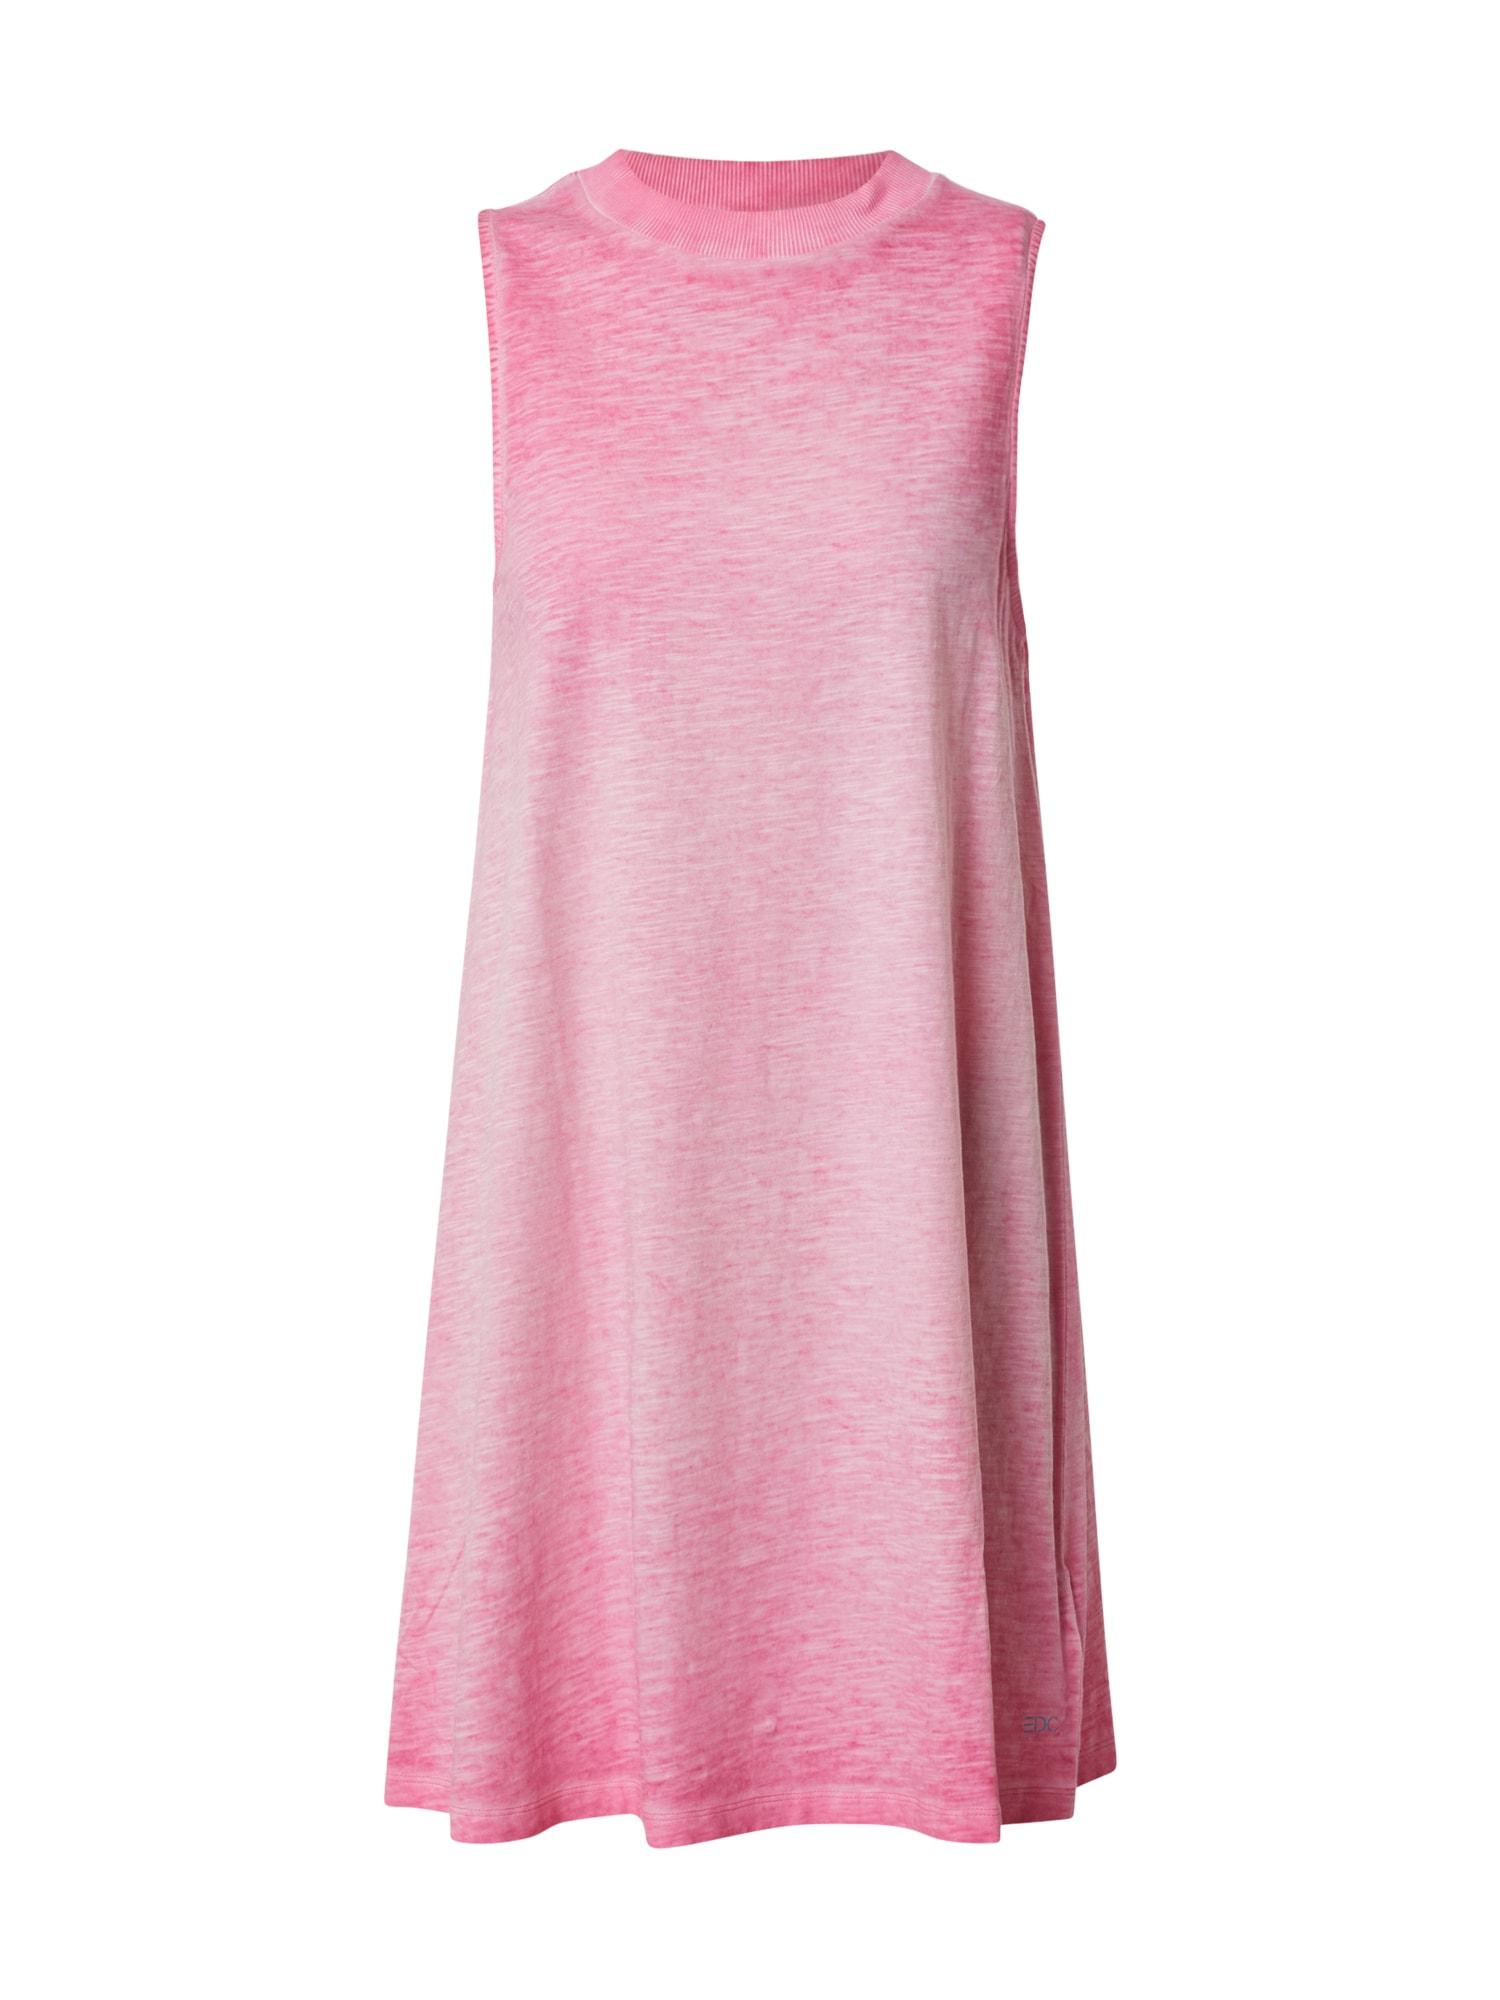 EDC BY ESPRIT Vasarinė suknelė fuchsijų spalva